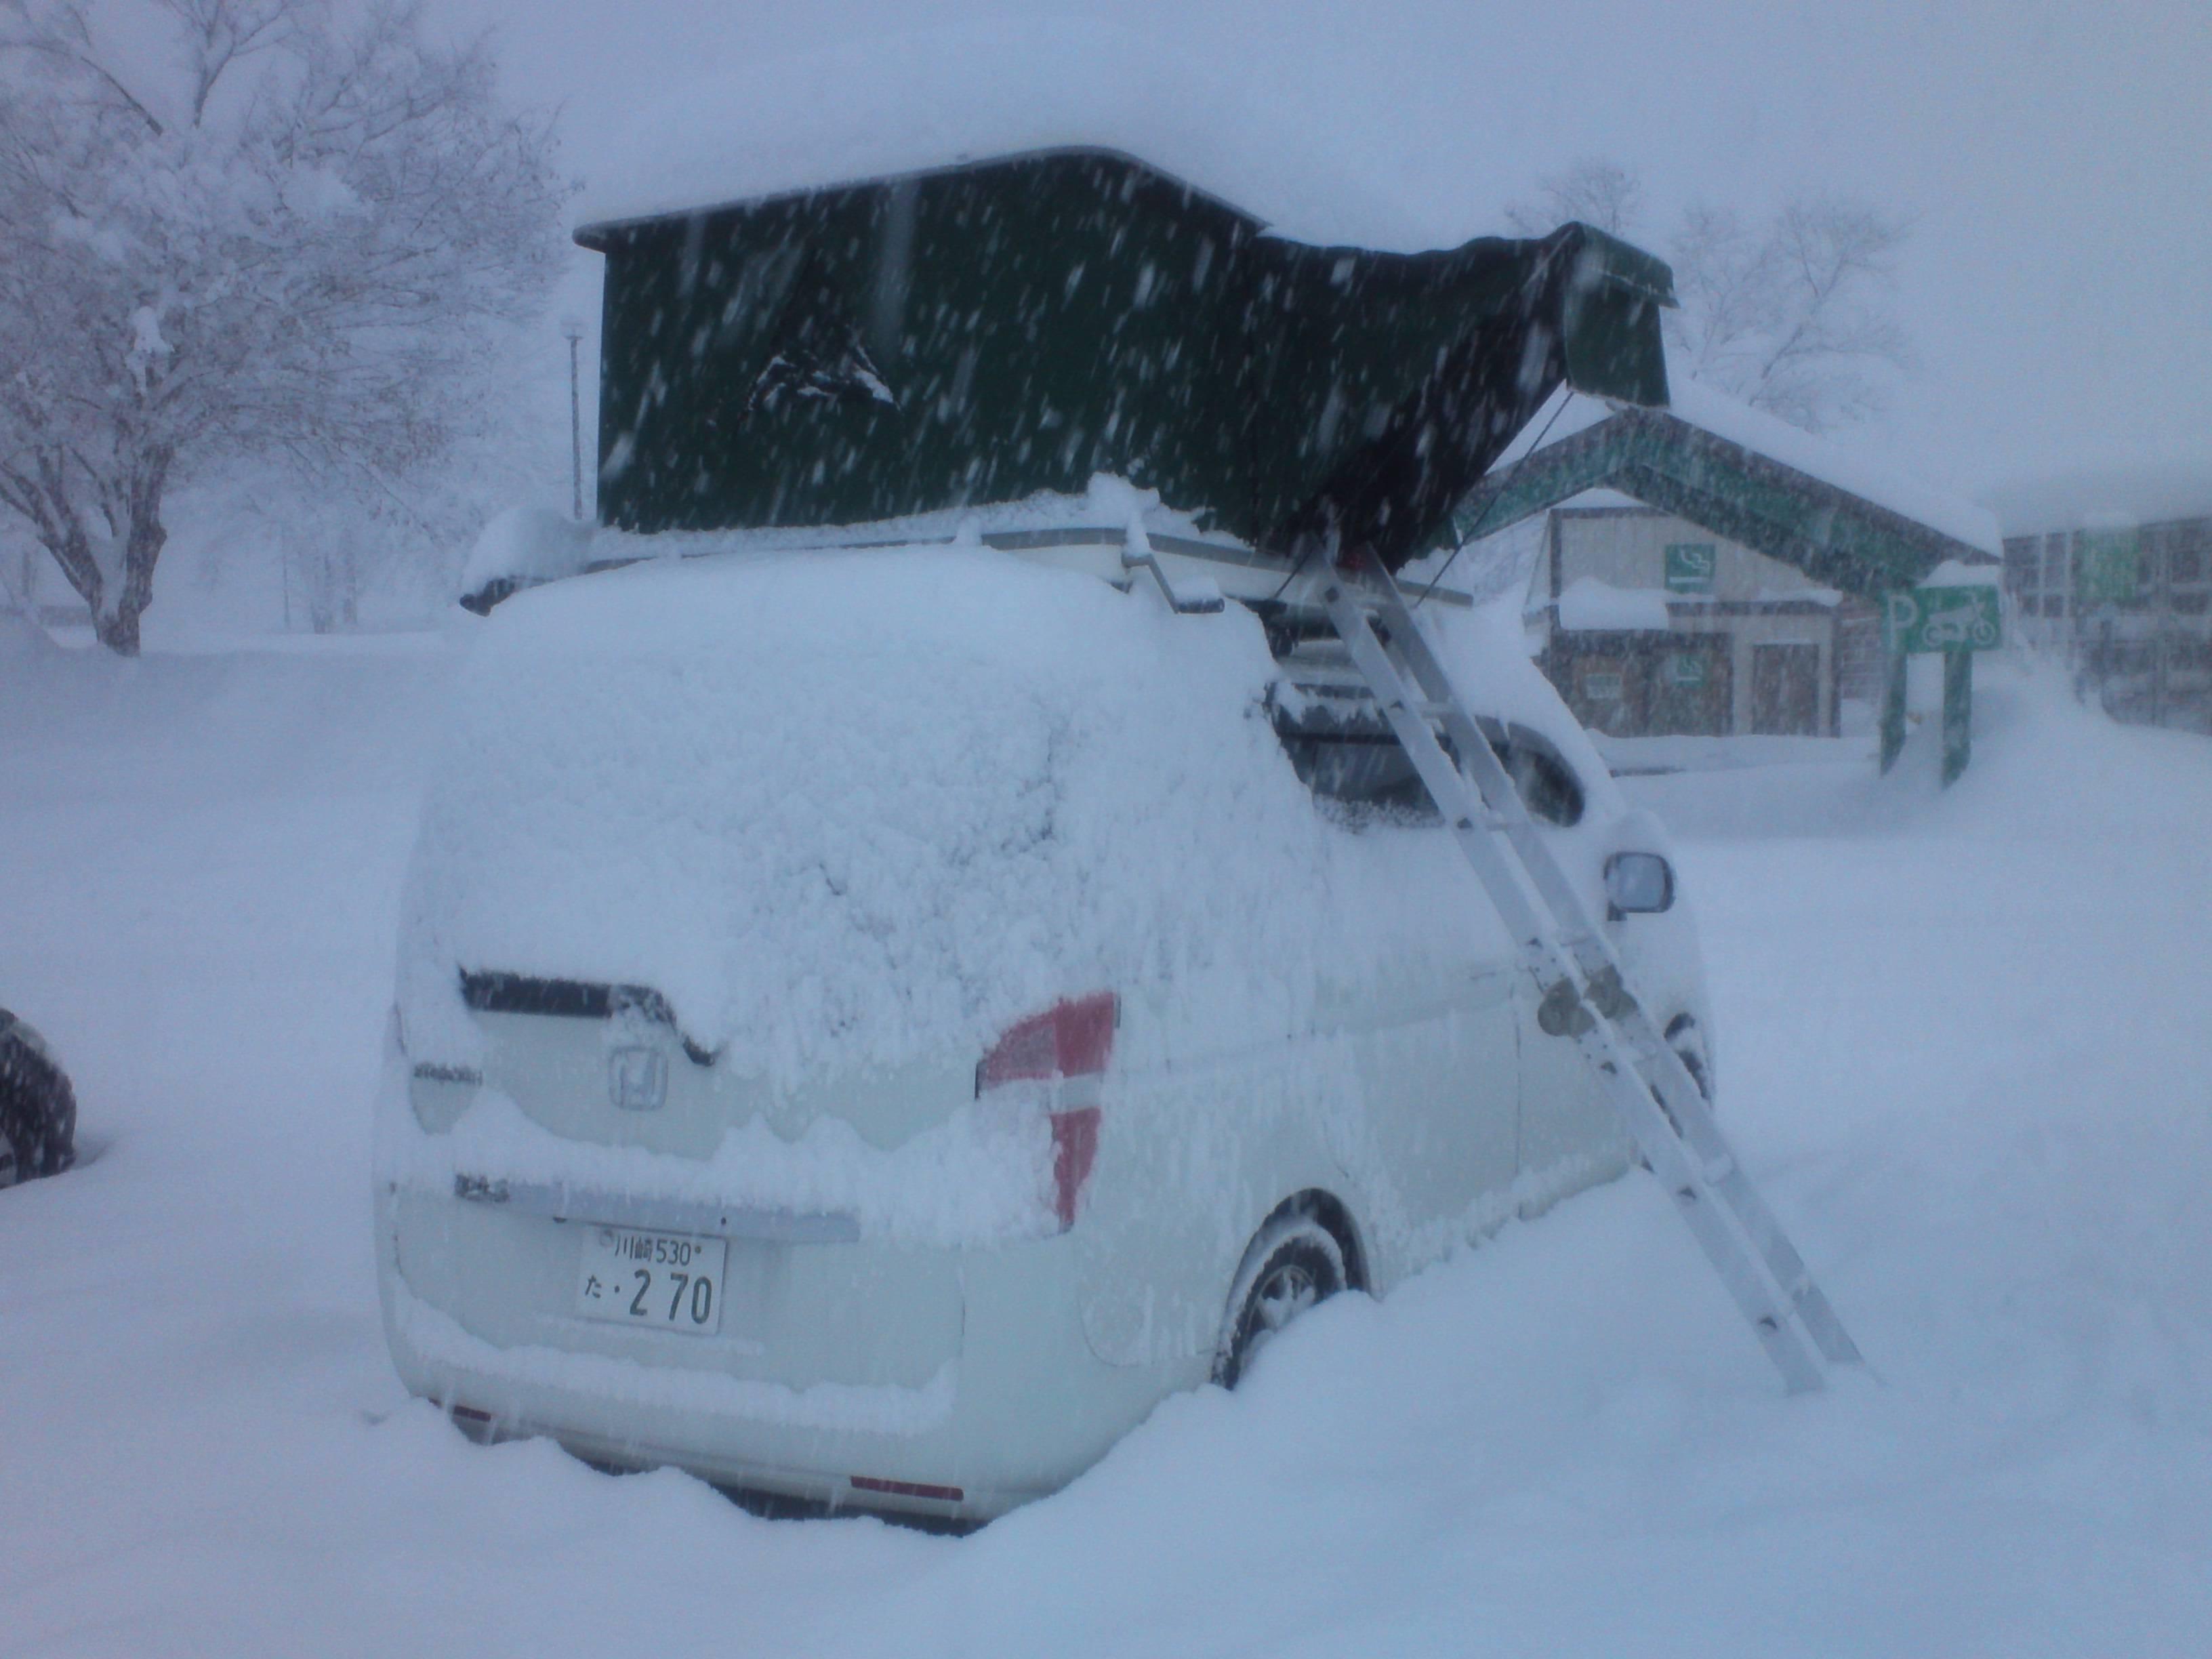 ルーフテント 冬 雪